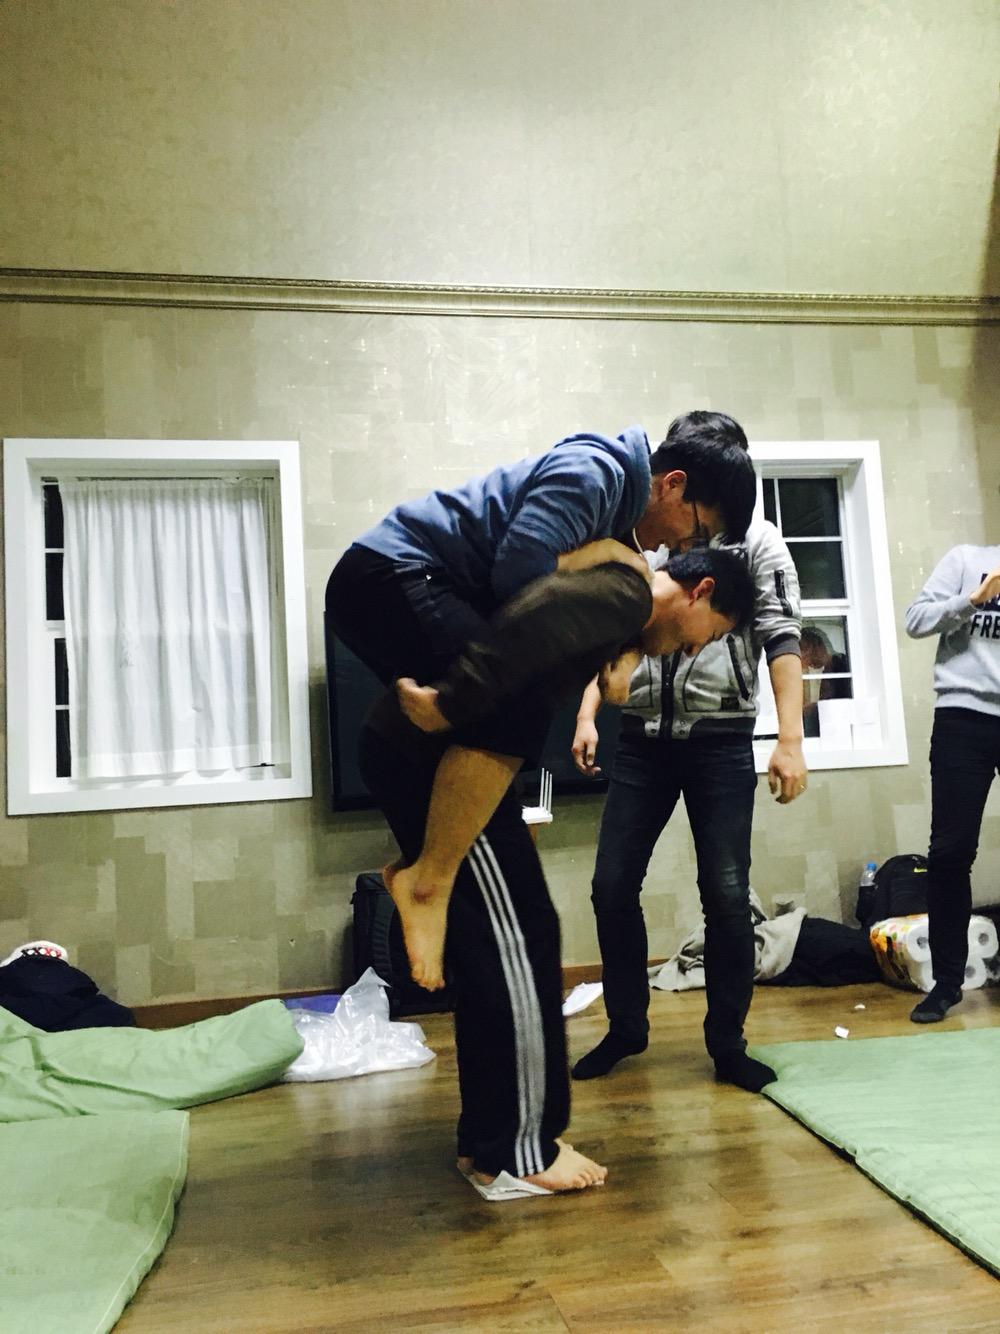 2016.02.12_김해롯데워터파크 MT (39).JPG